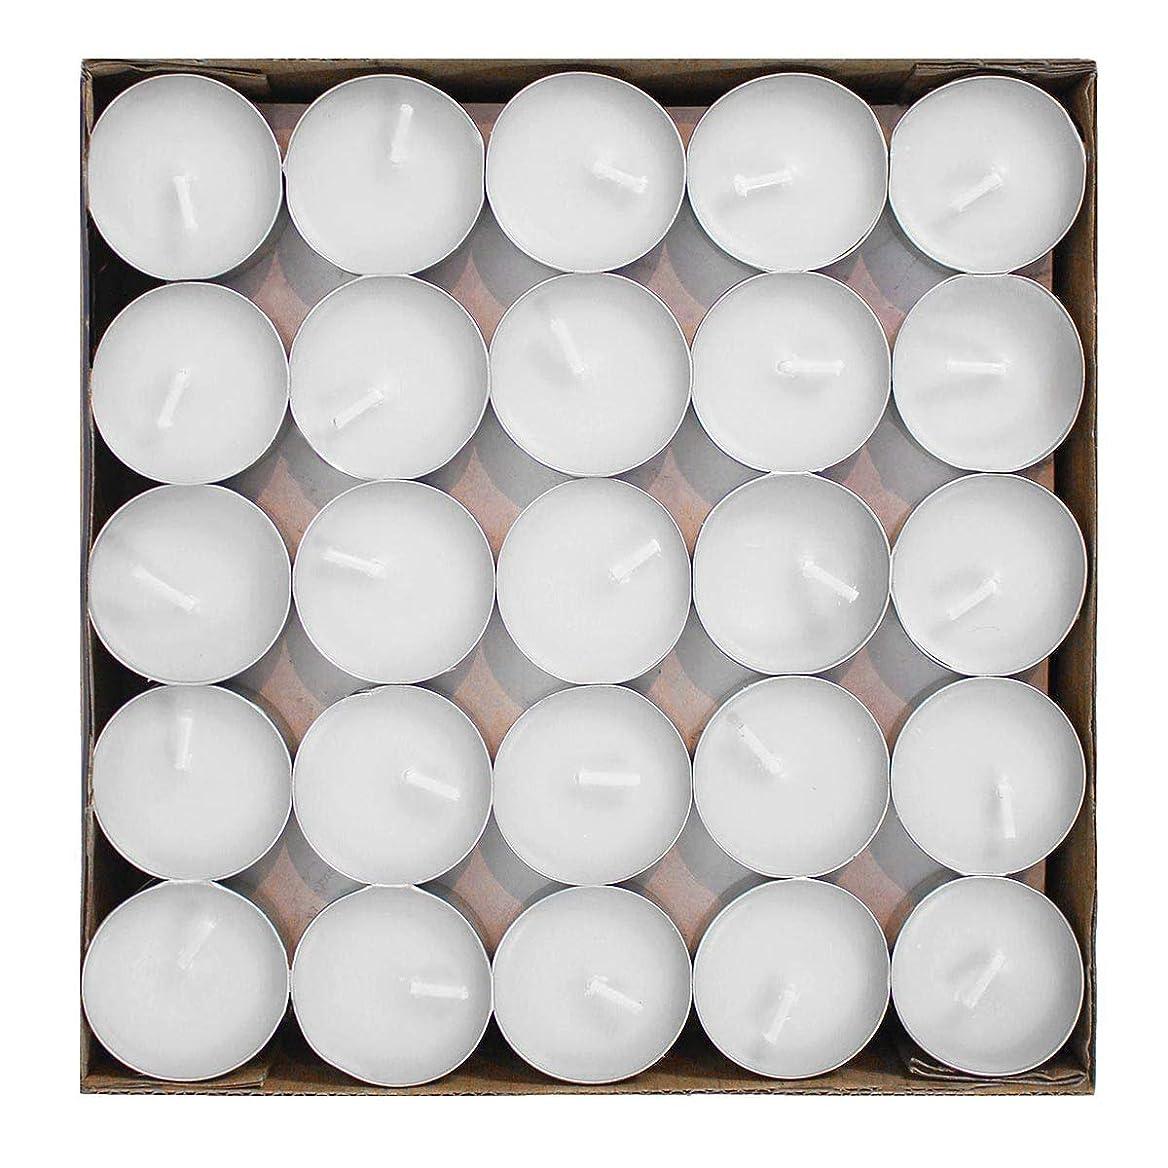 遺伝的習慣微弱Hwagui ろうそく お茶アロマ キャンドル アロマ キャンドル ロウソク 人気 香り 約1.5-2時間 50個 ZH004